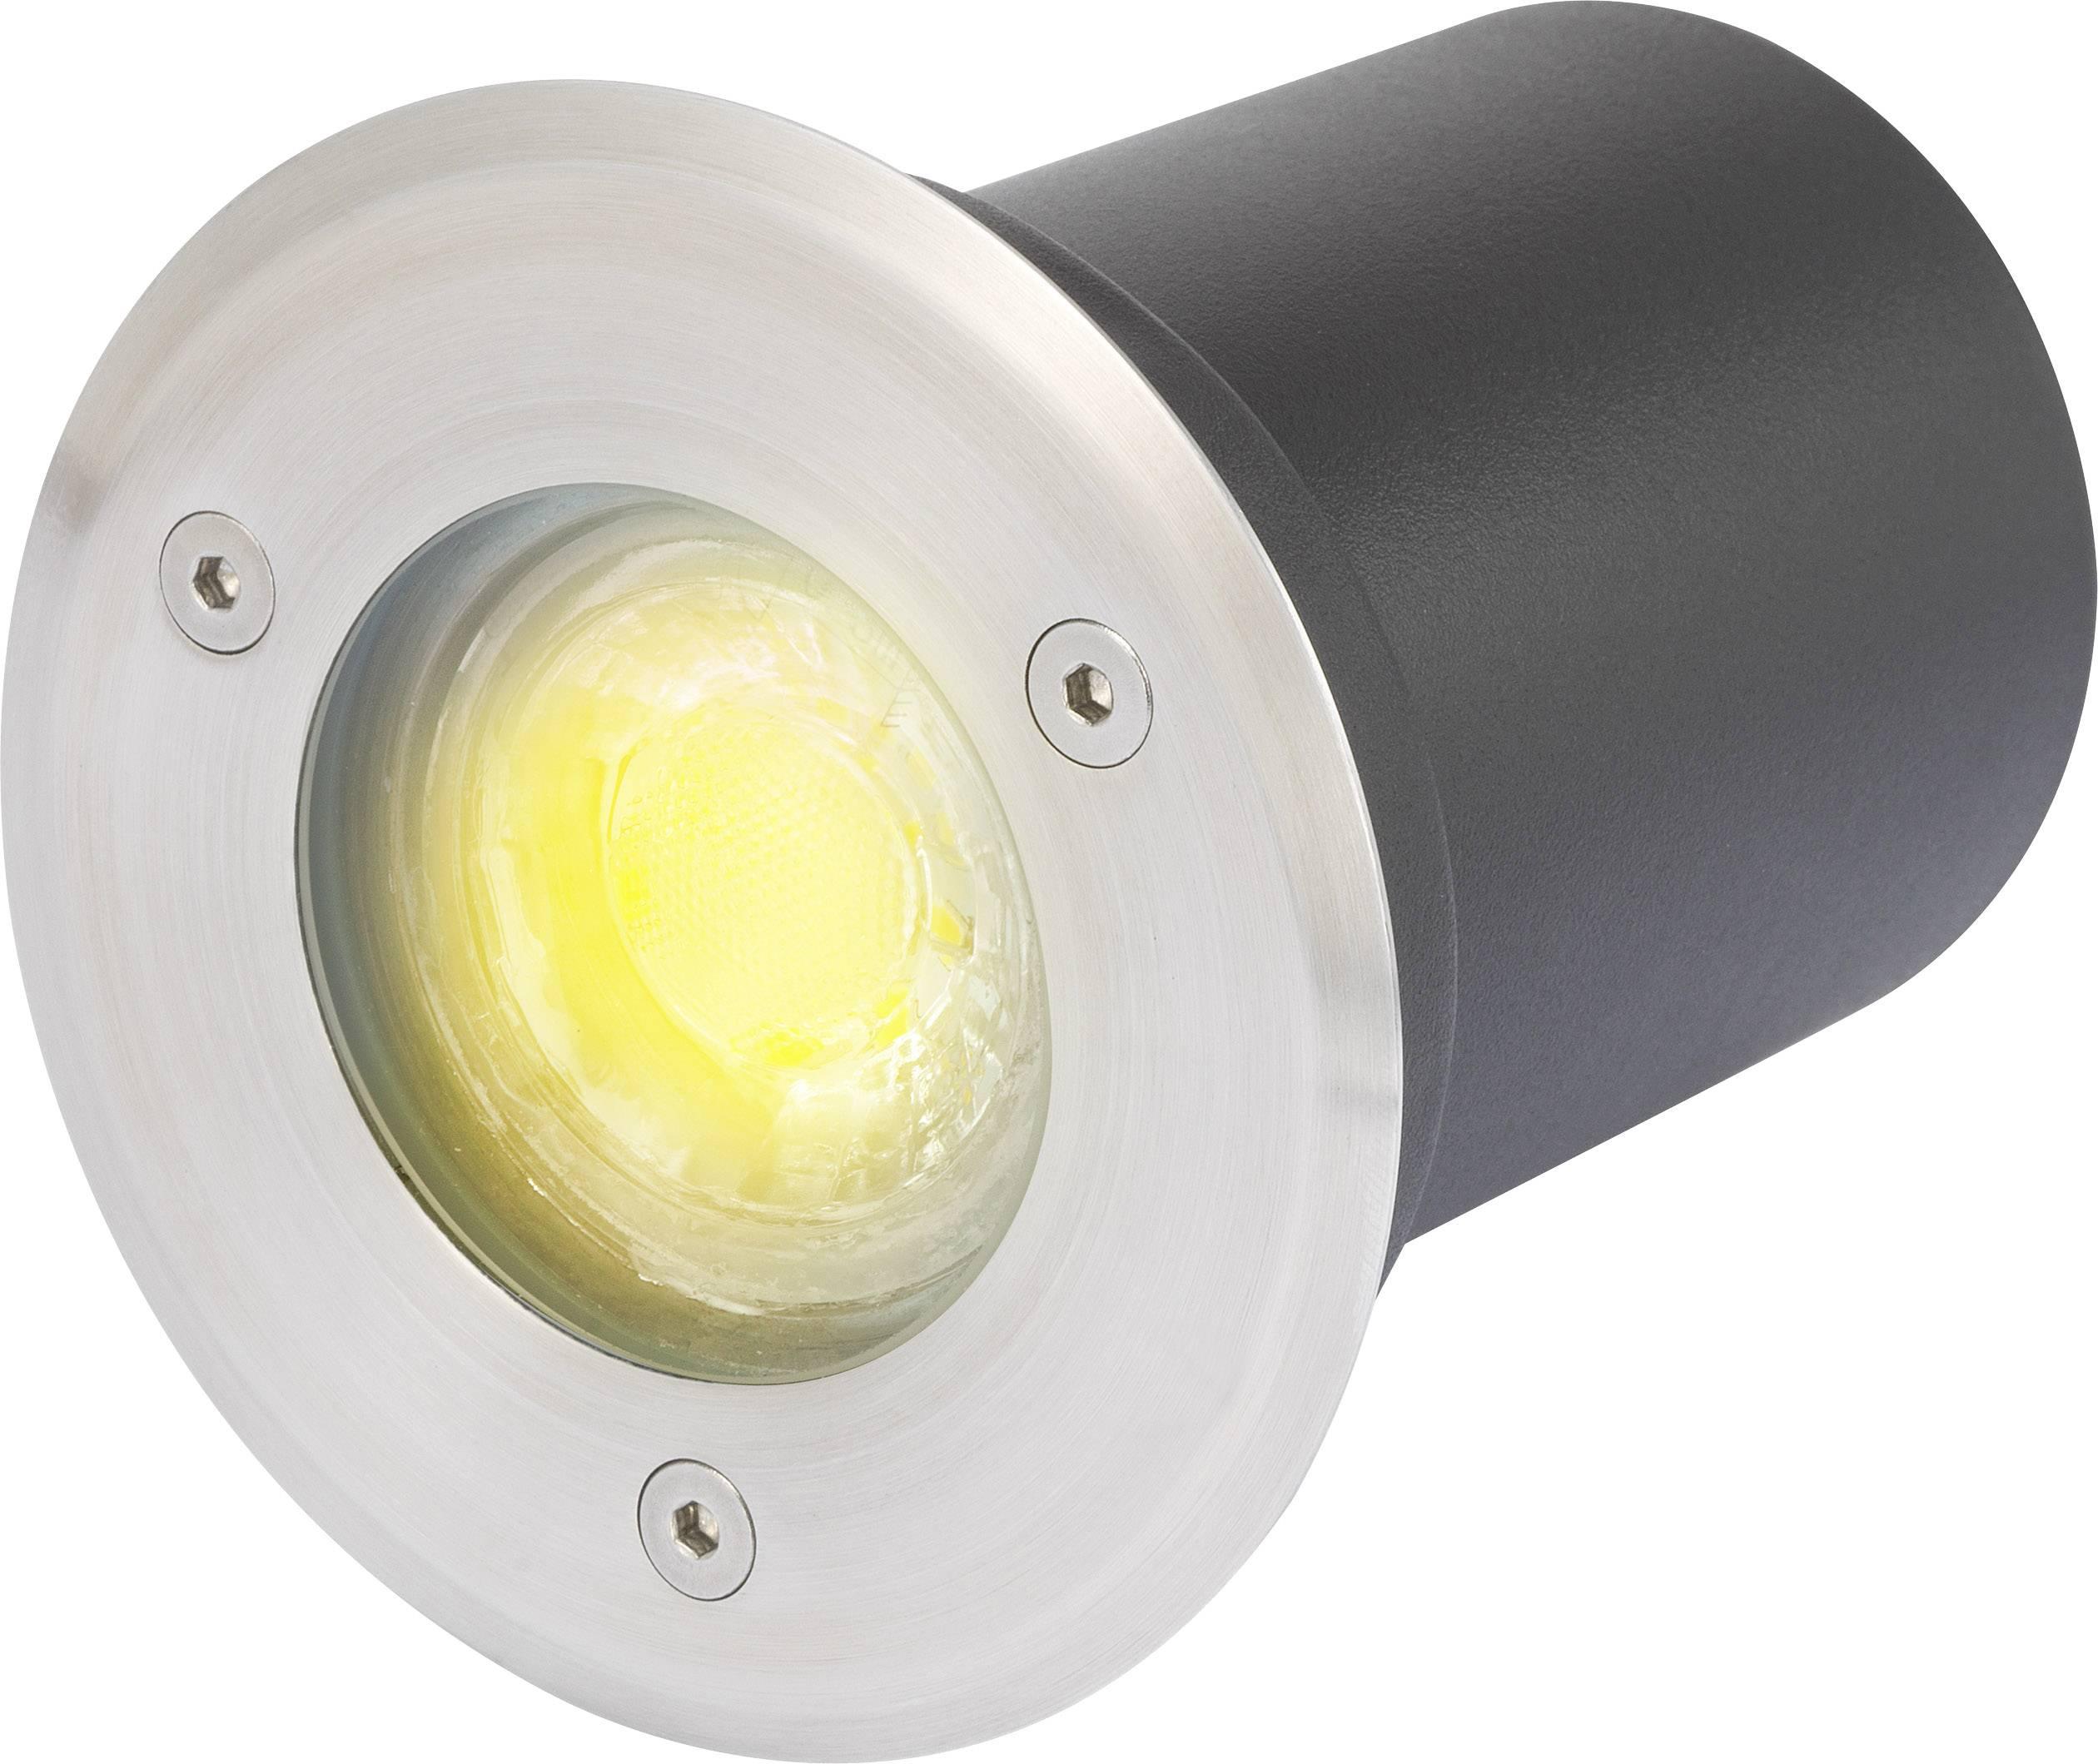 Vonkajšie vstavané LED osvetlenie Polarlite 3.5 W, čierna